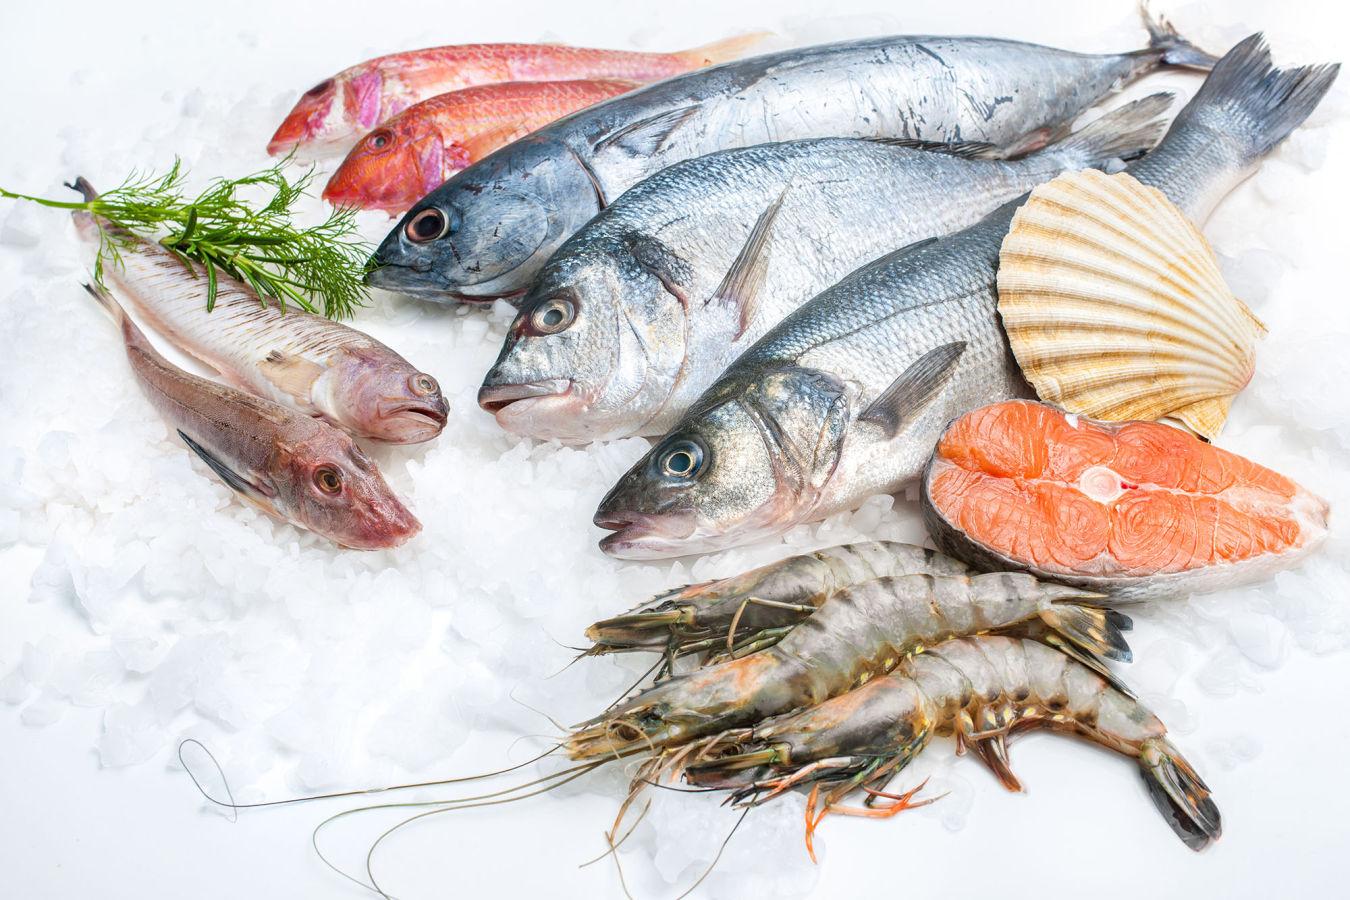 Čerstvé ryby k létu patří. Při jejich nákupu ale můžete naletět